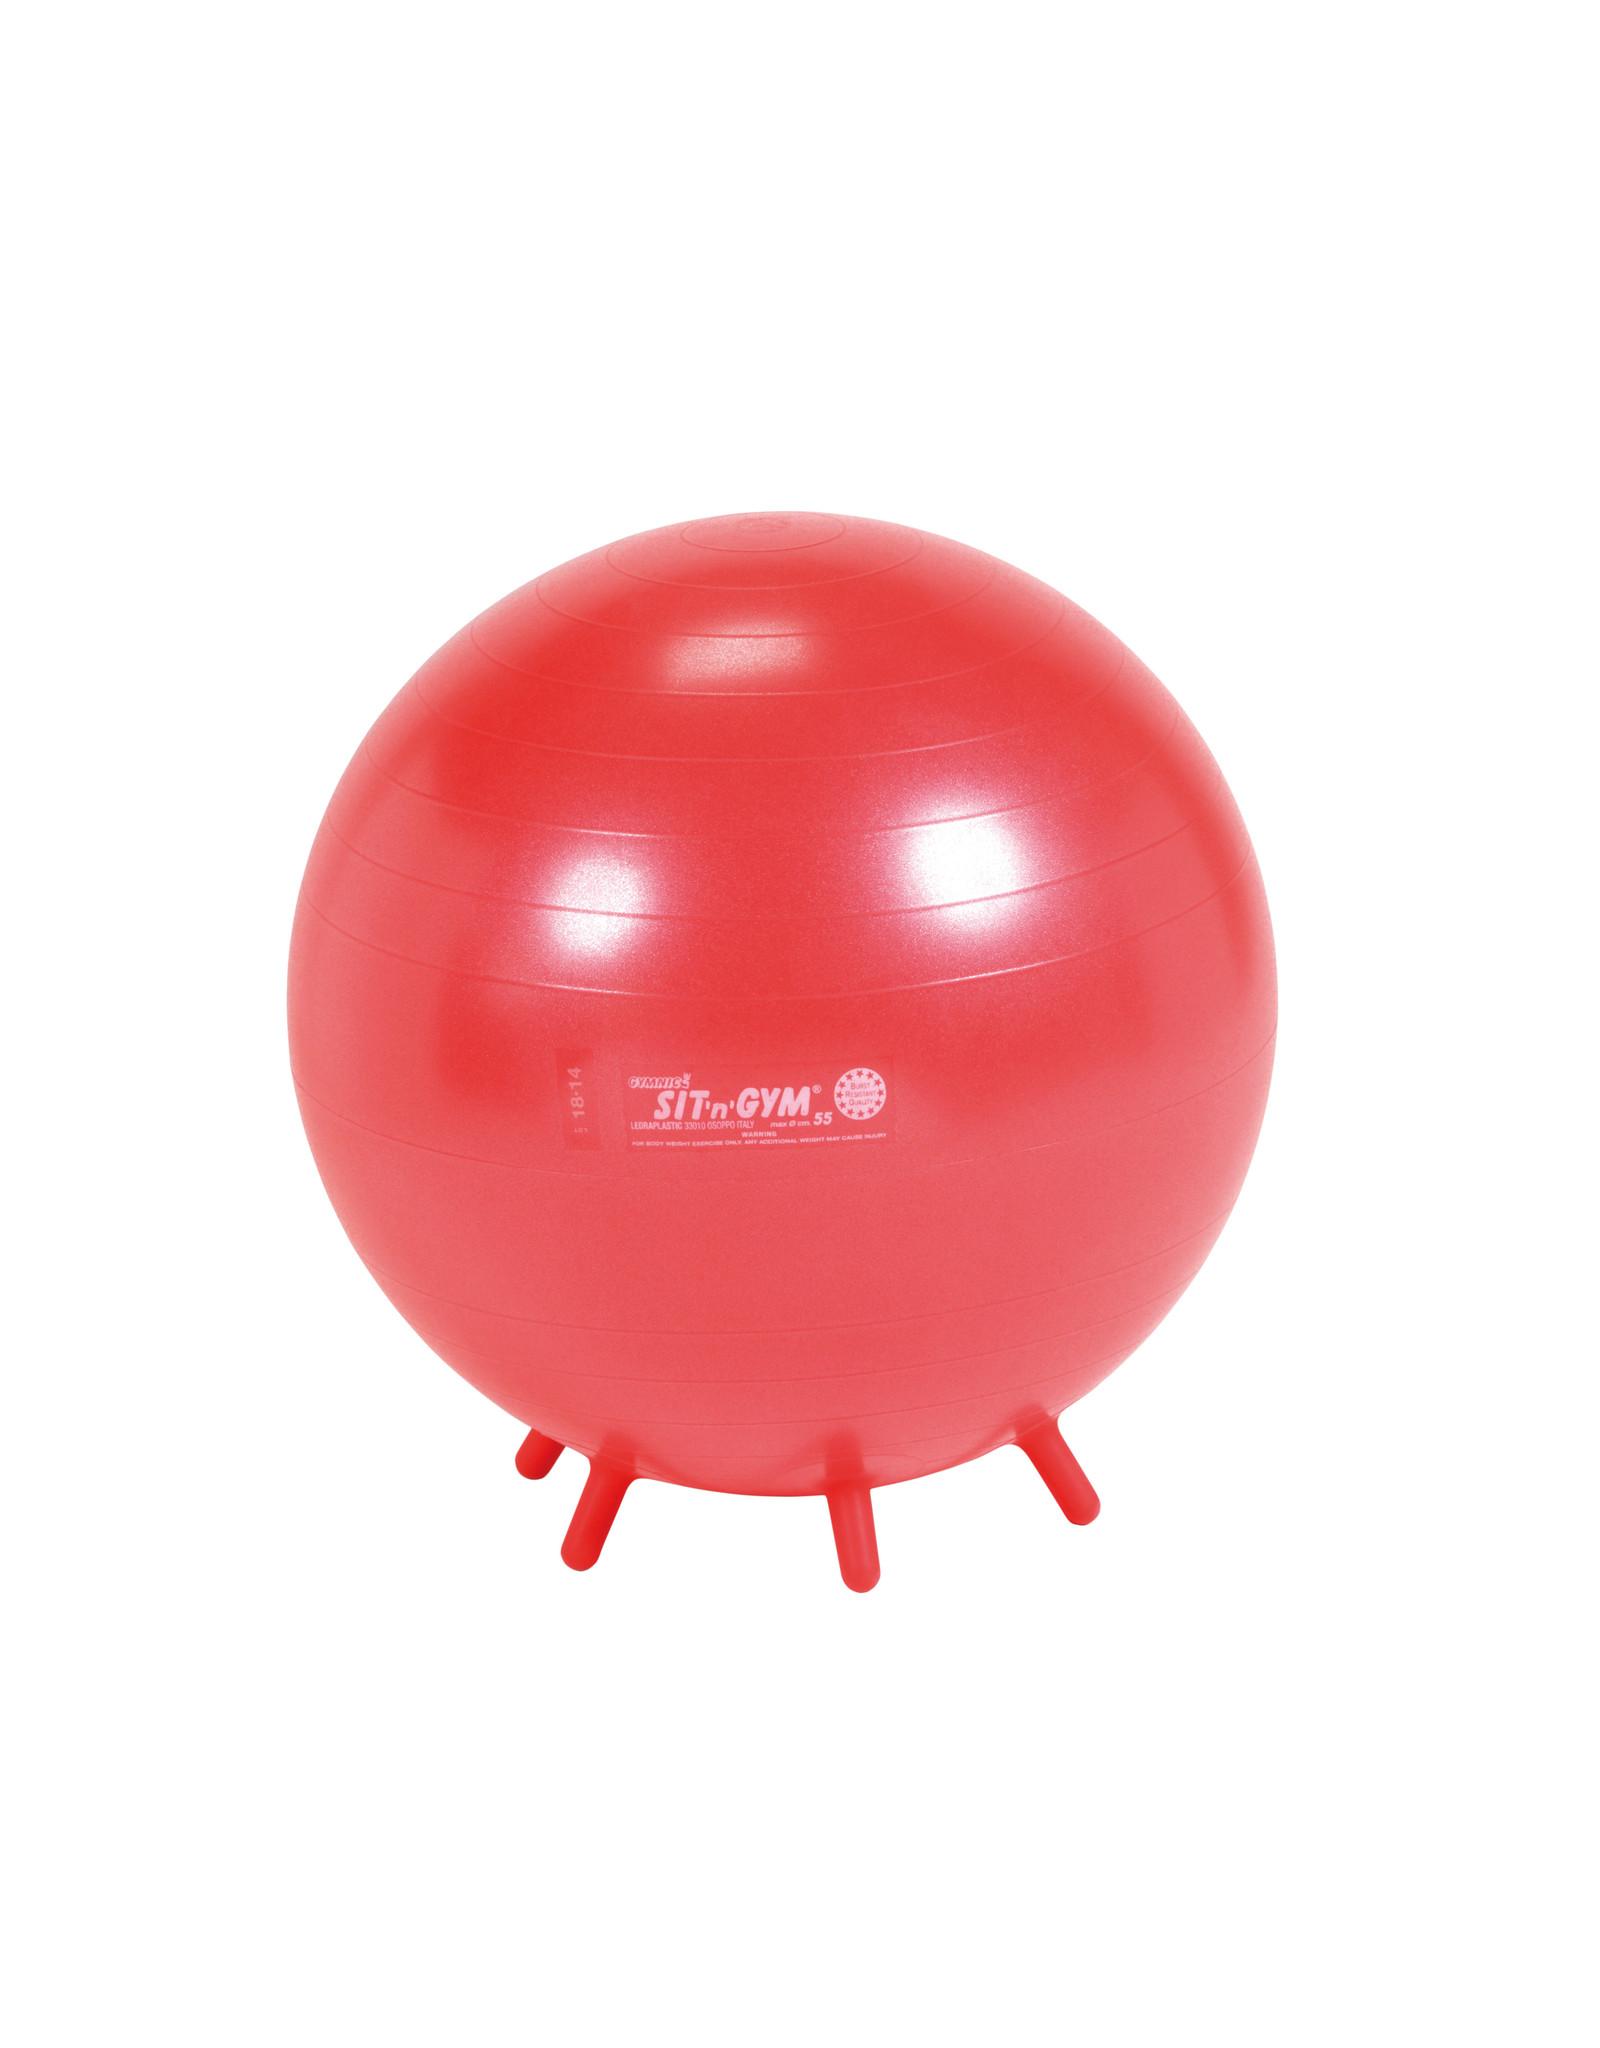 Gymnic Sit'n'Gym 55 BRQ / R